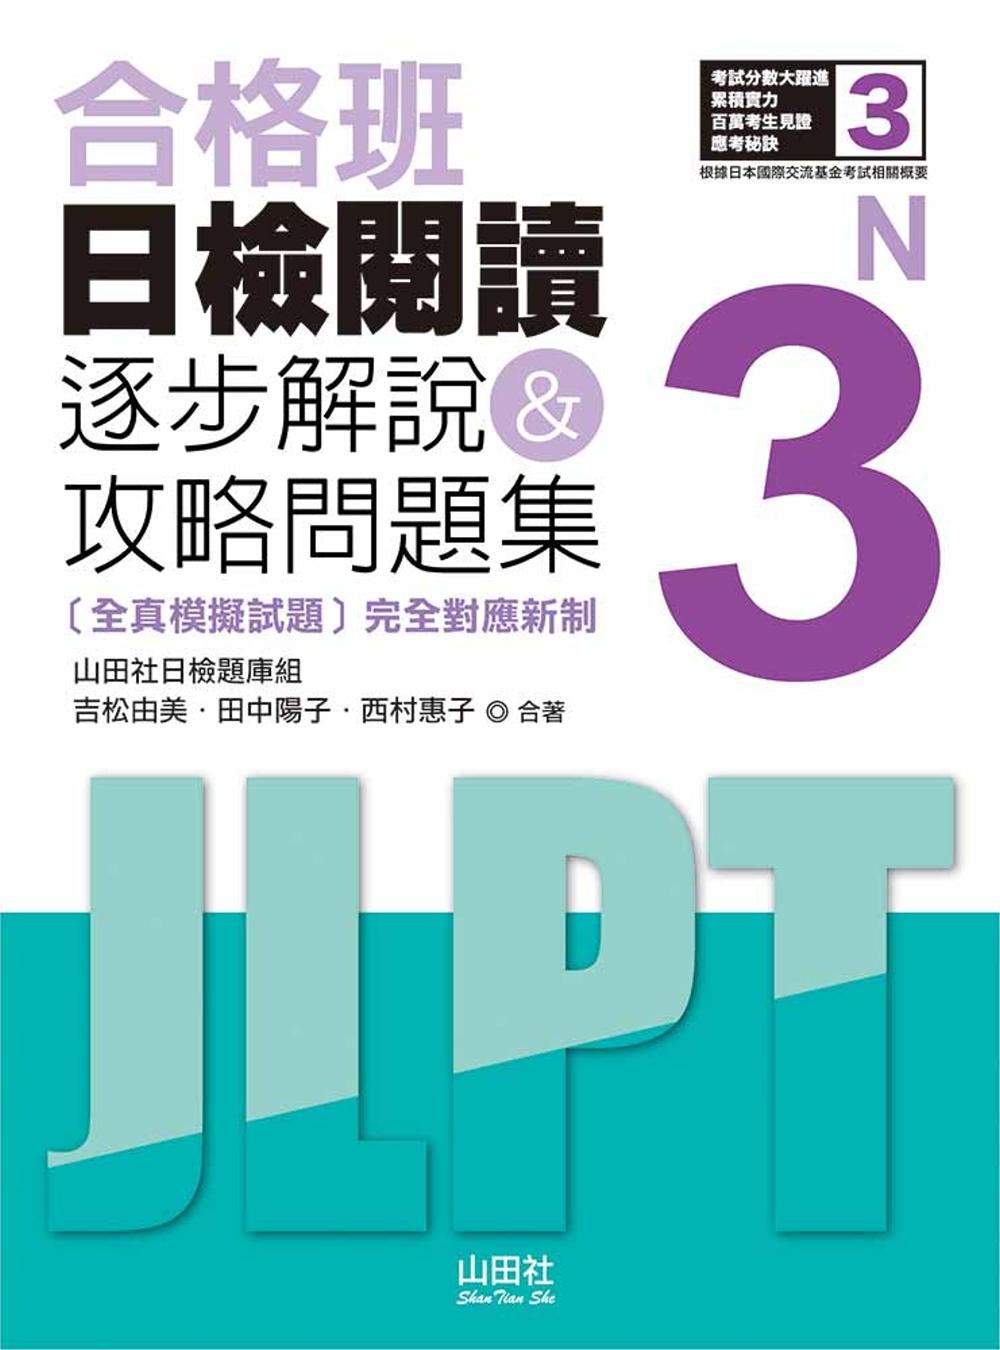 合格班 日檢閱讀N3:逐步解說&攻略問題集(18K)